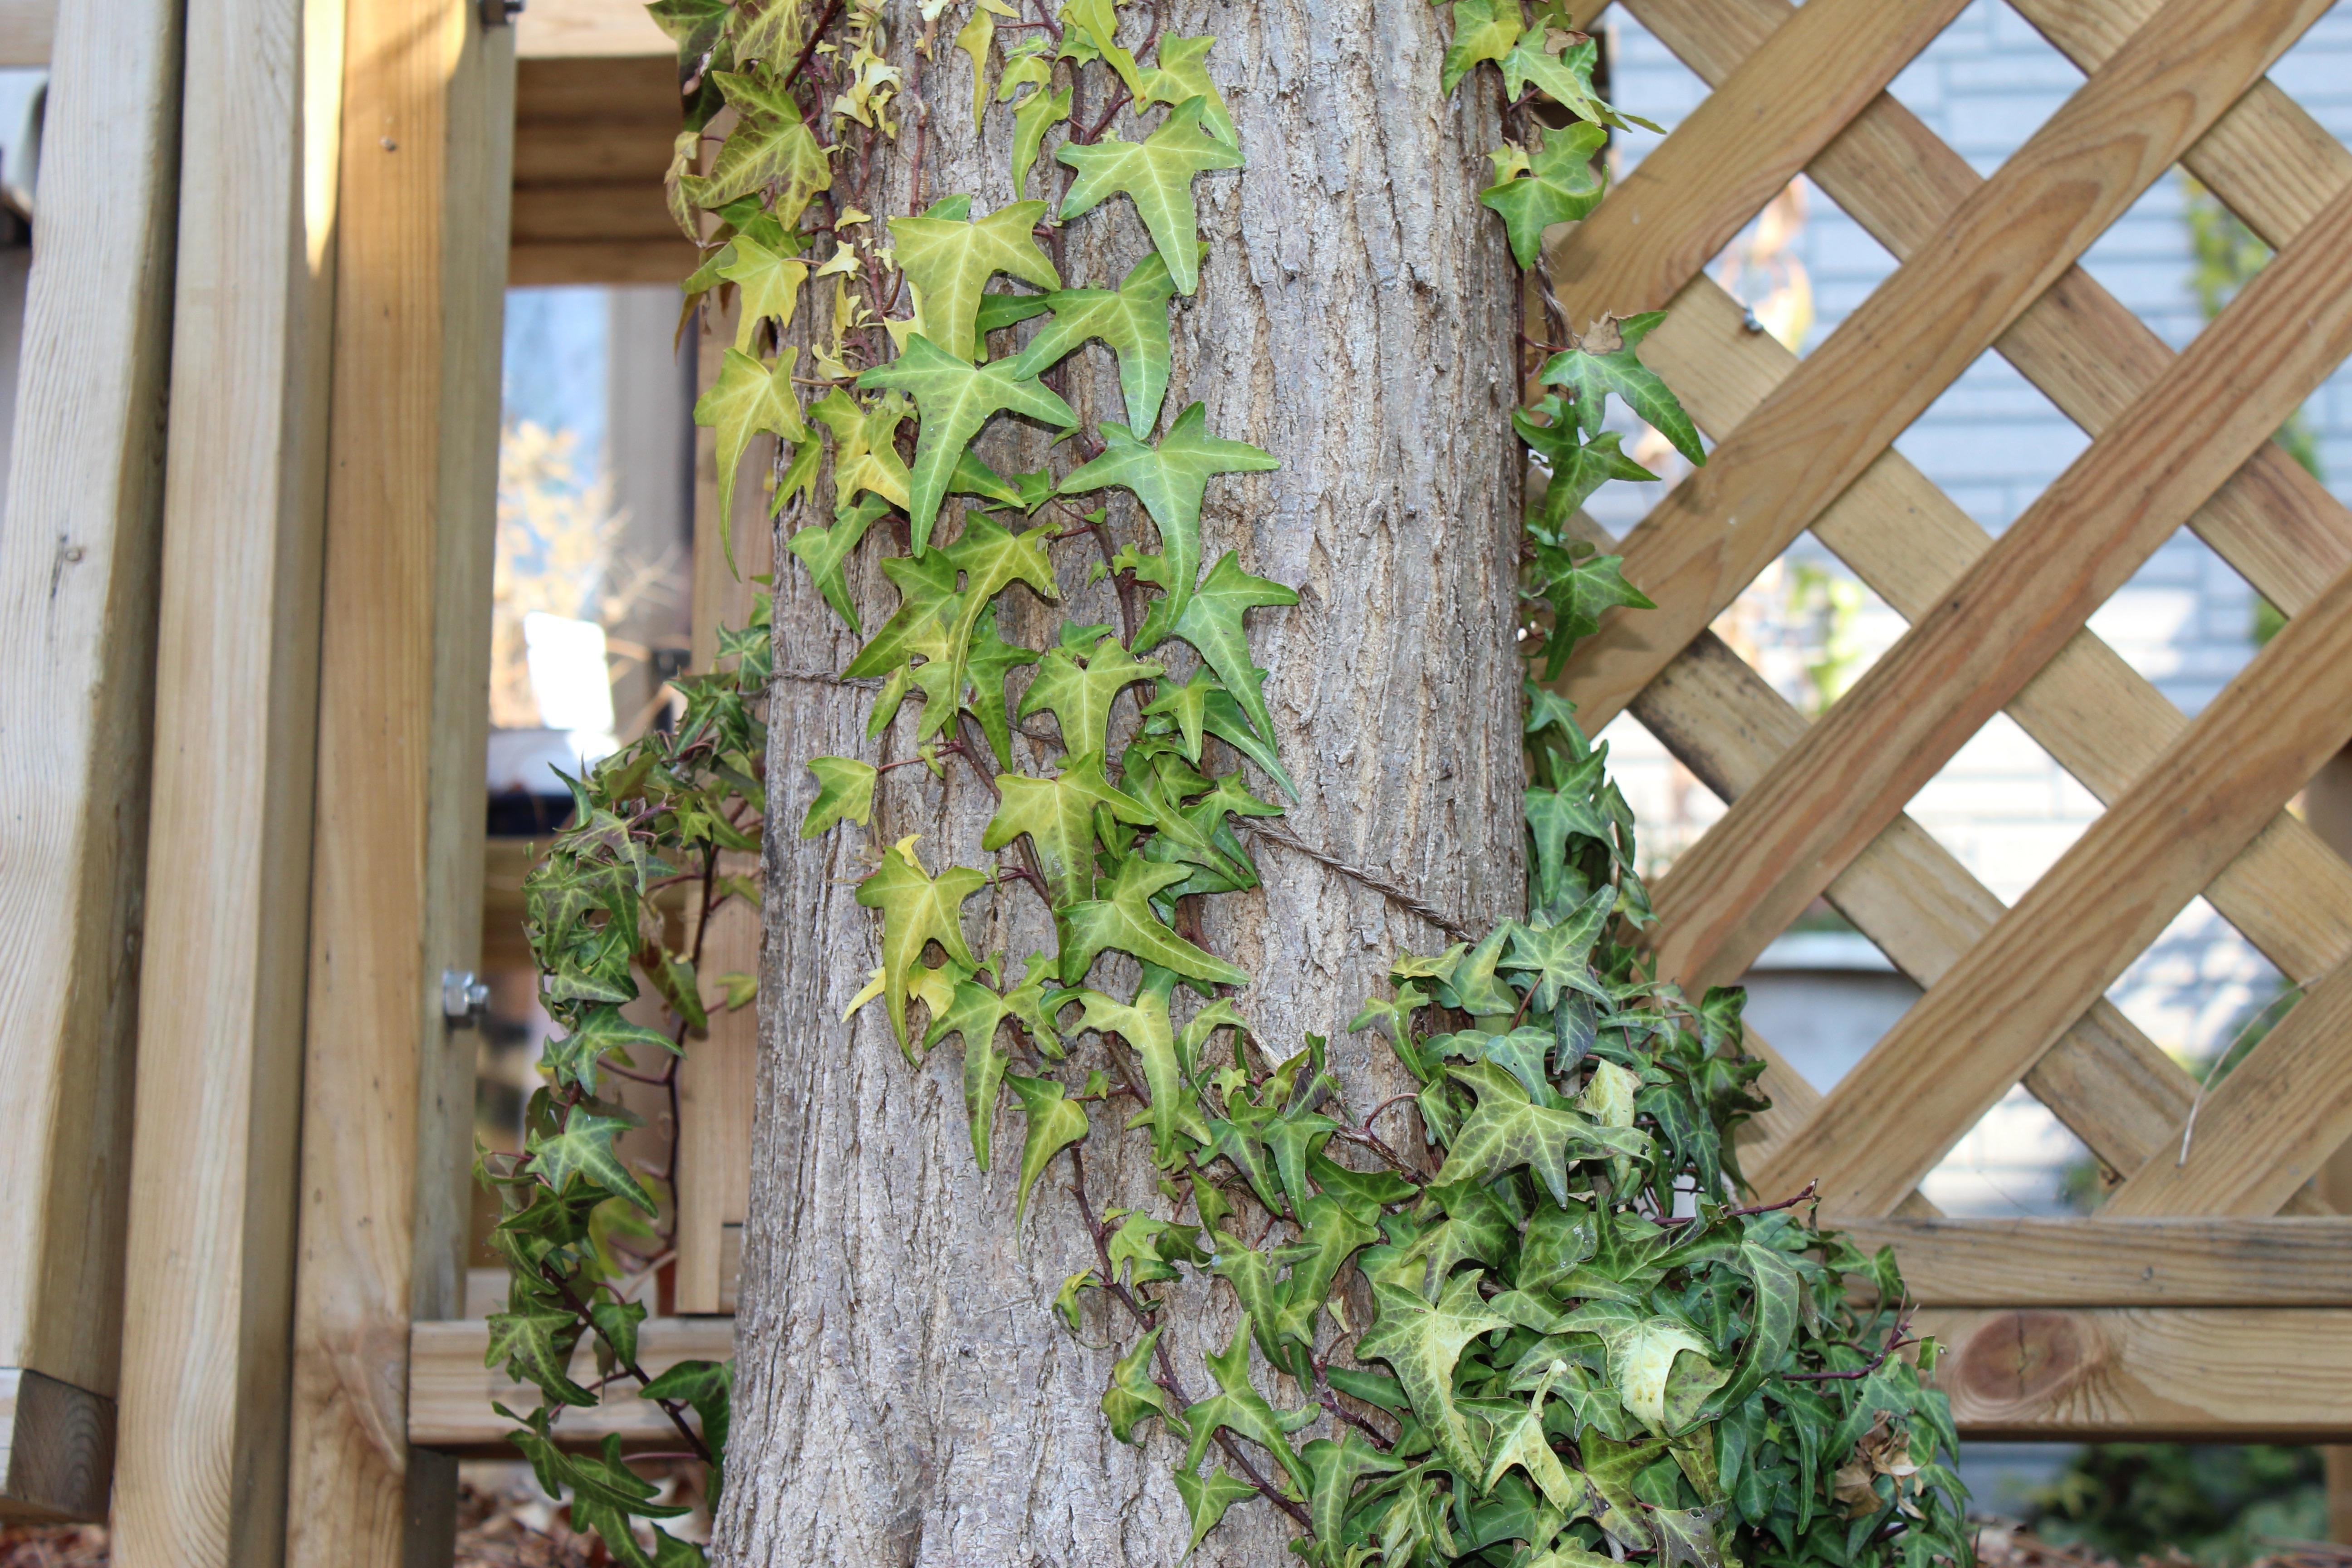 今日の誕生花の針槐(はりえんじゅ)のフリーシアは、スロースターターなので、まだ新芽は見えてきていません。